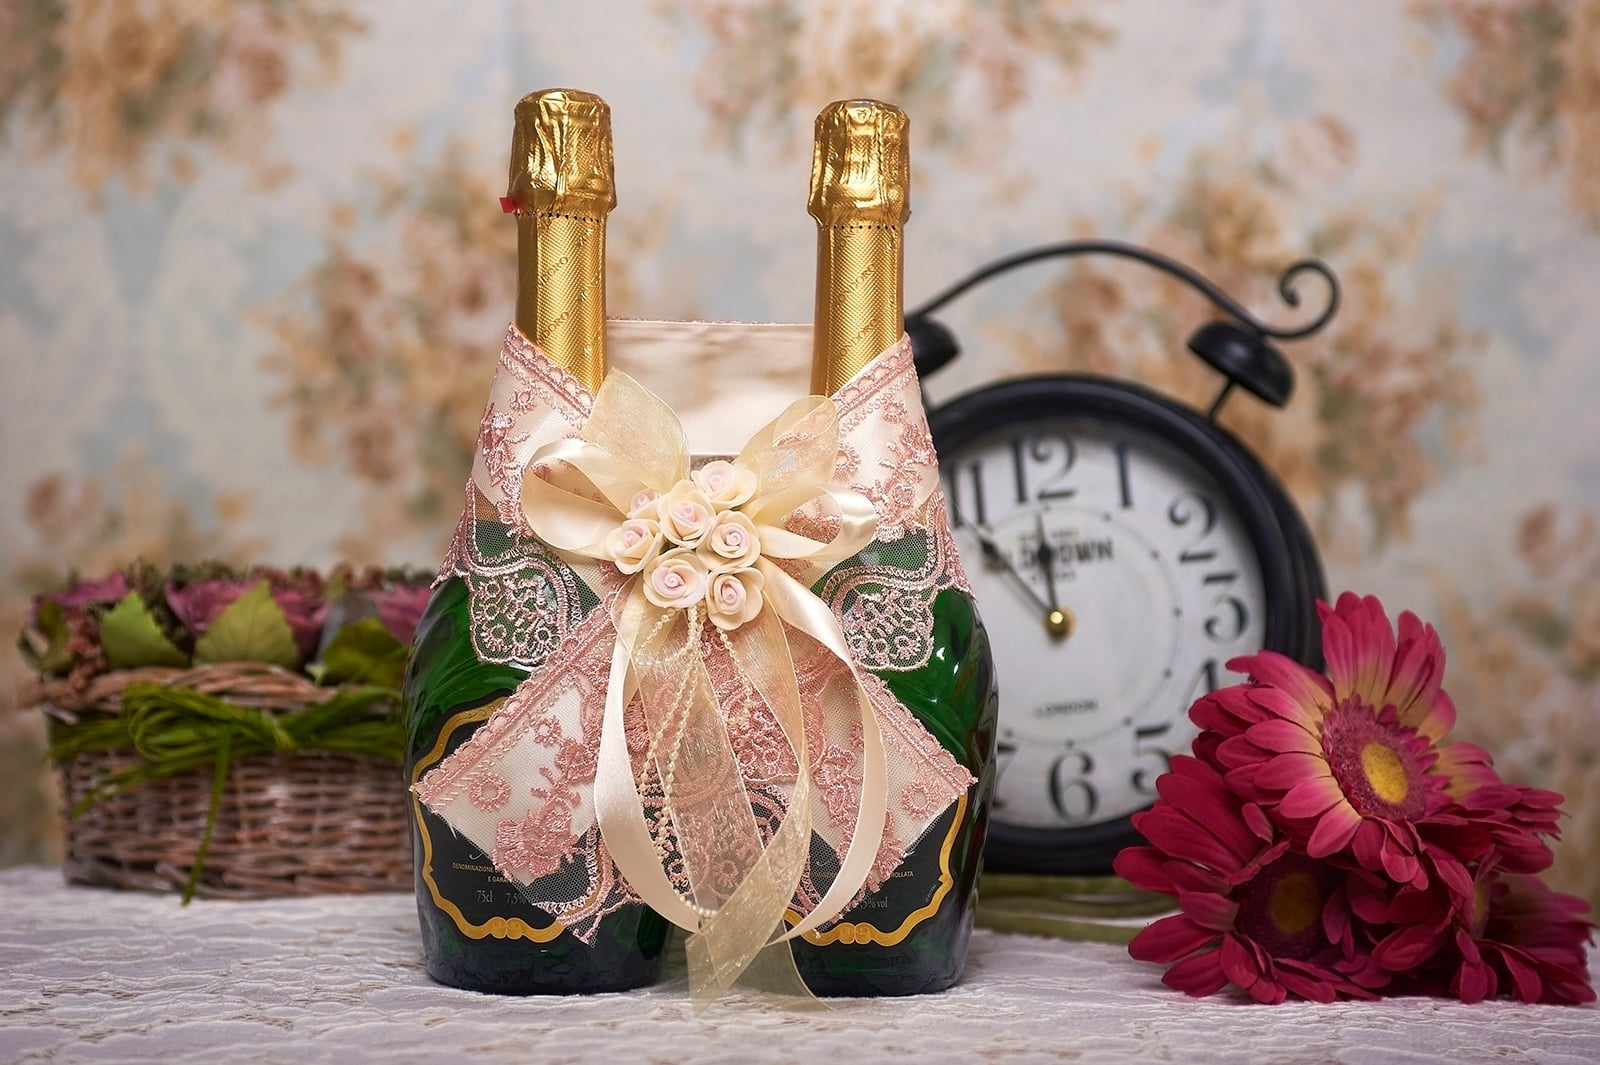 Украшение для шампанского из кружева и атласной ленты кремового цвета.